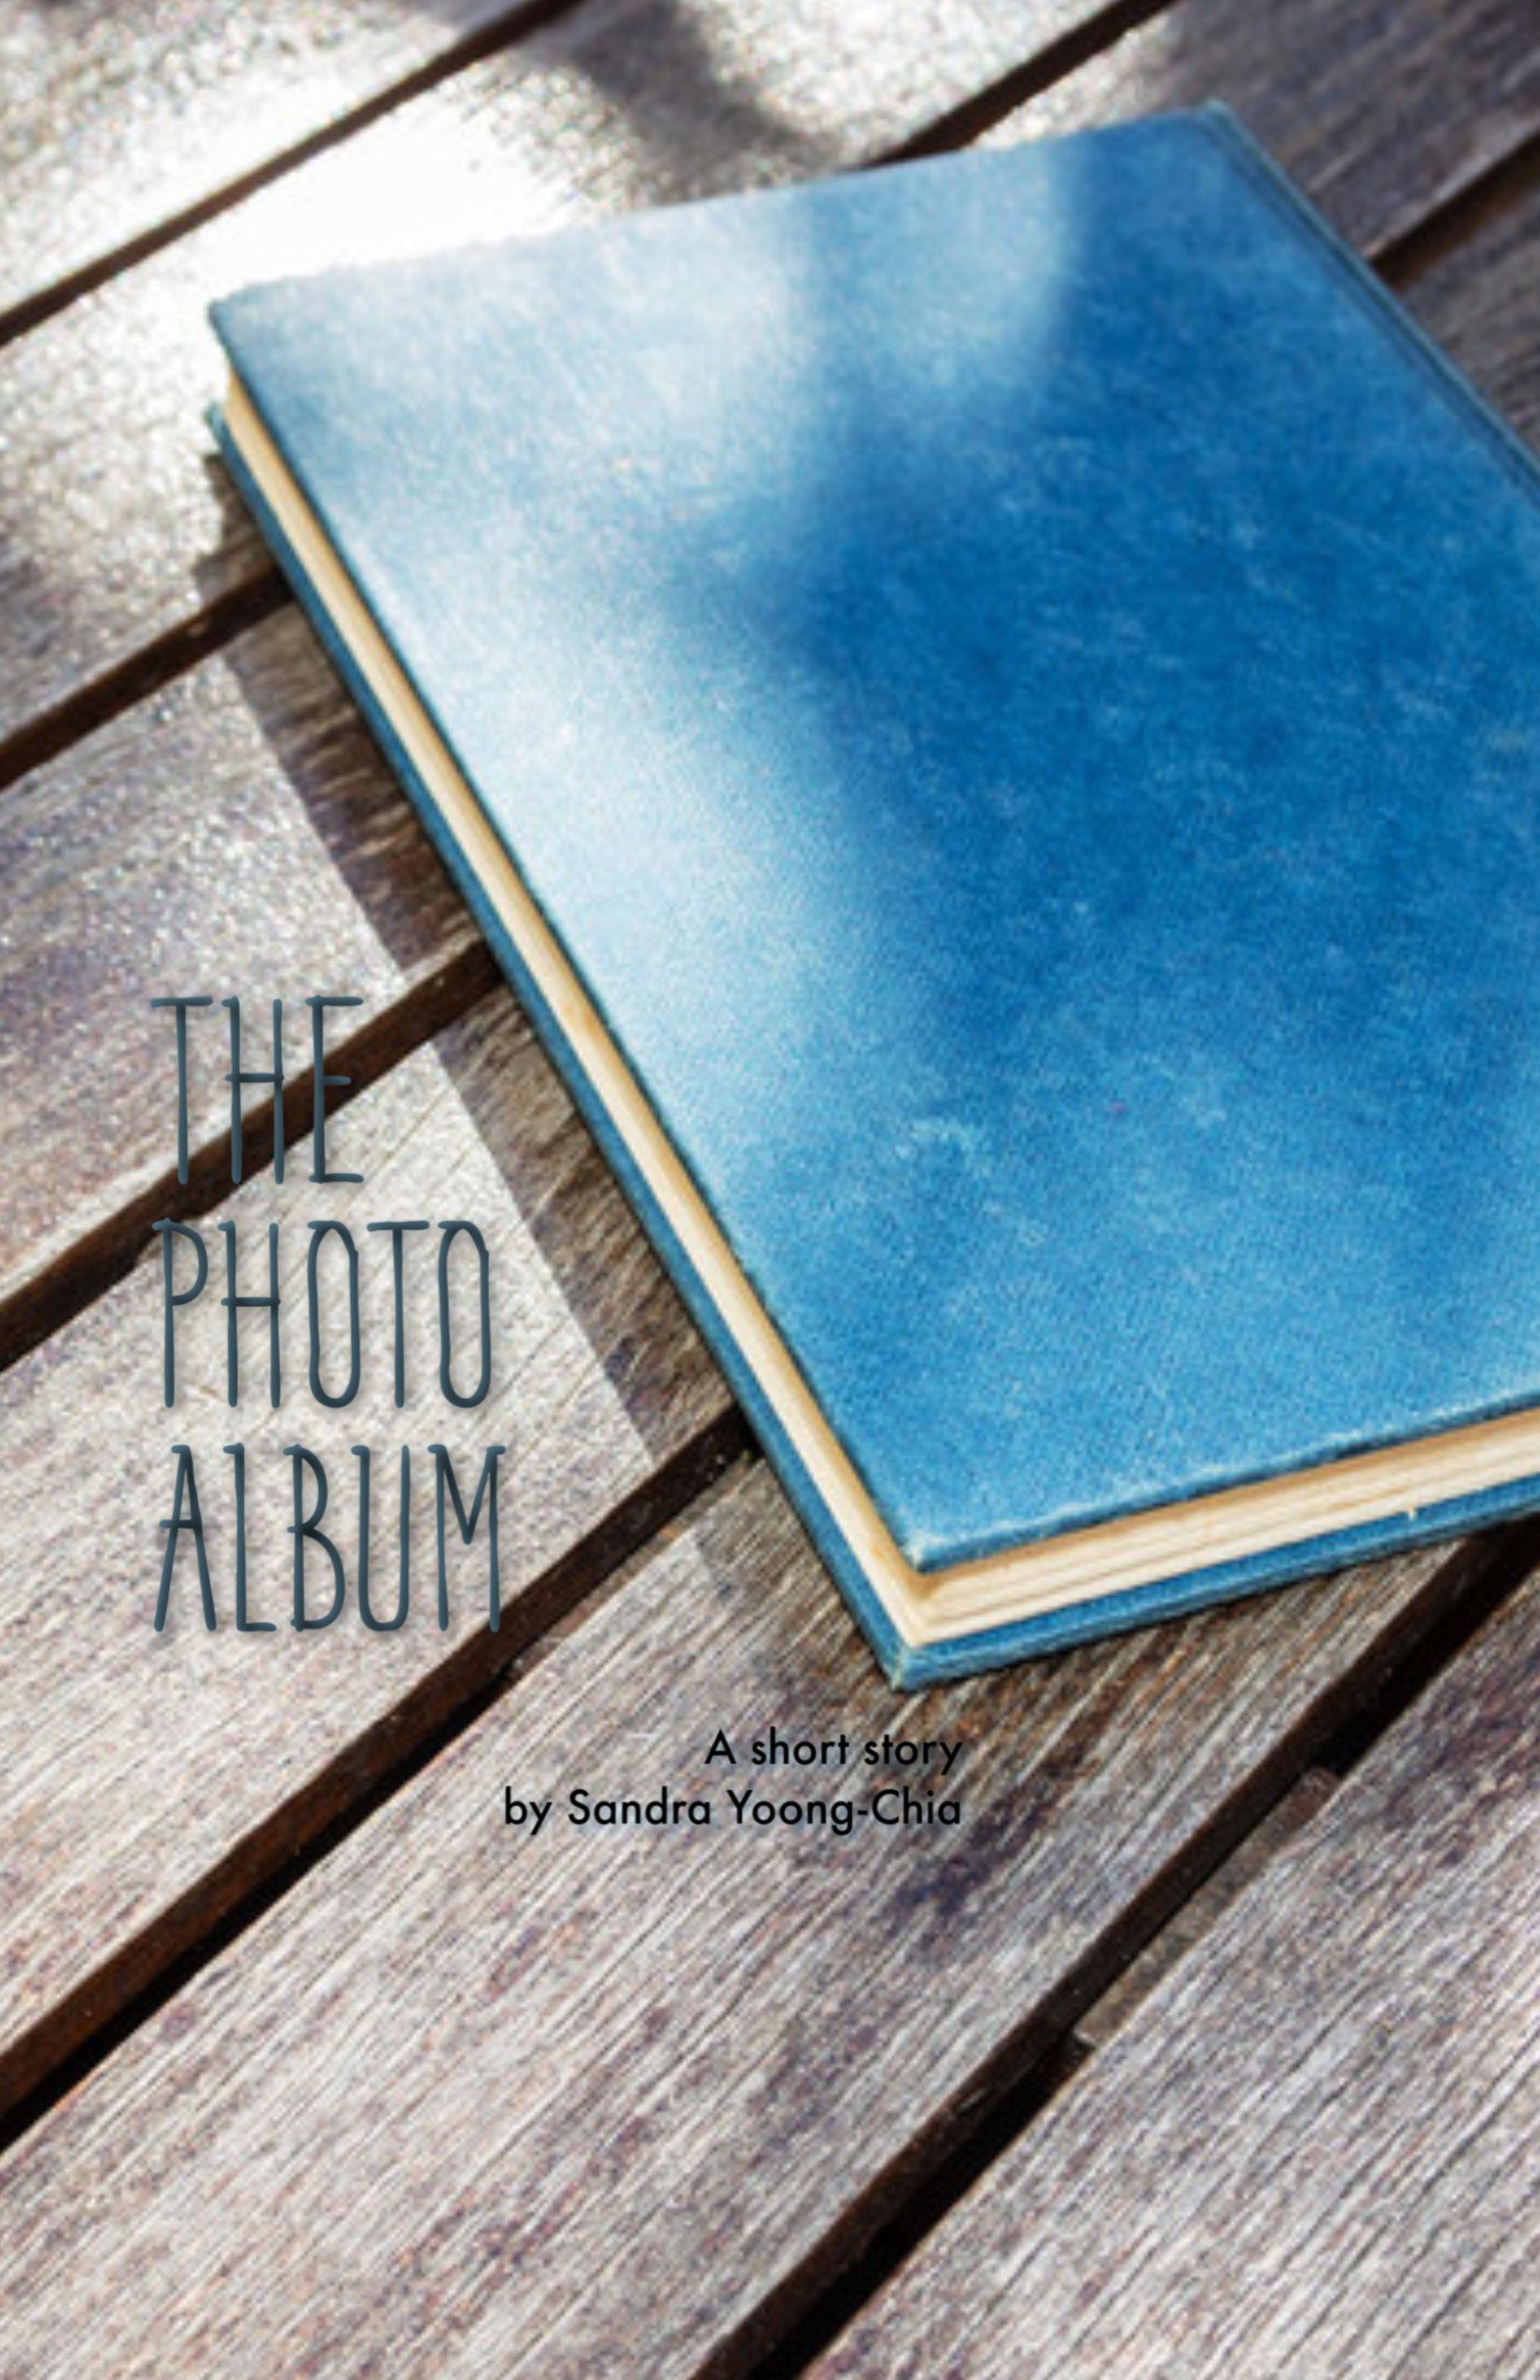 thephotoalbumNEW